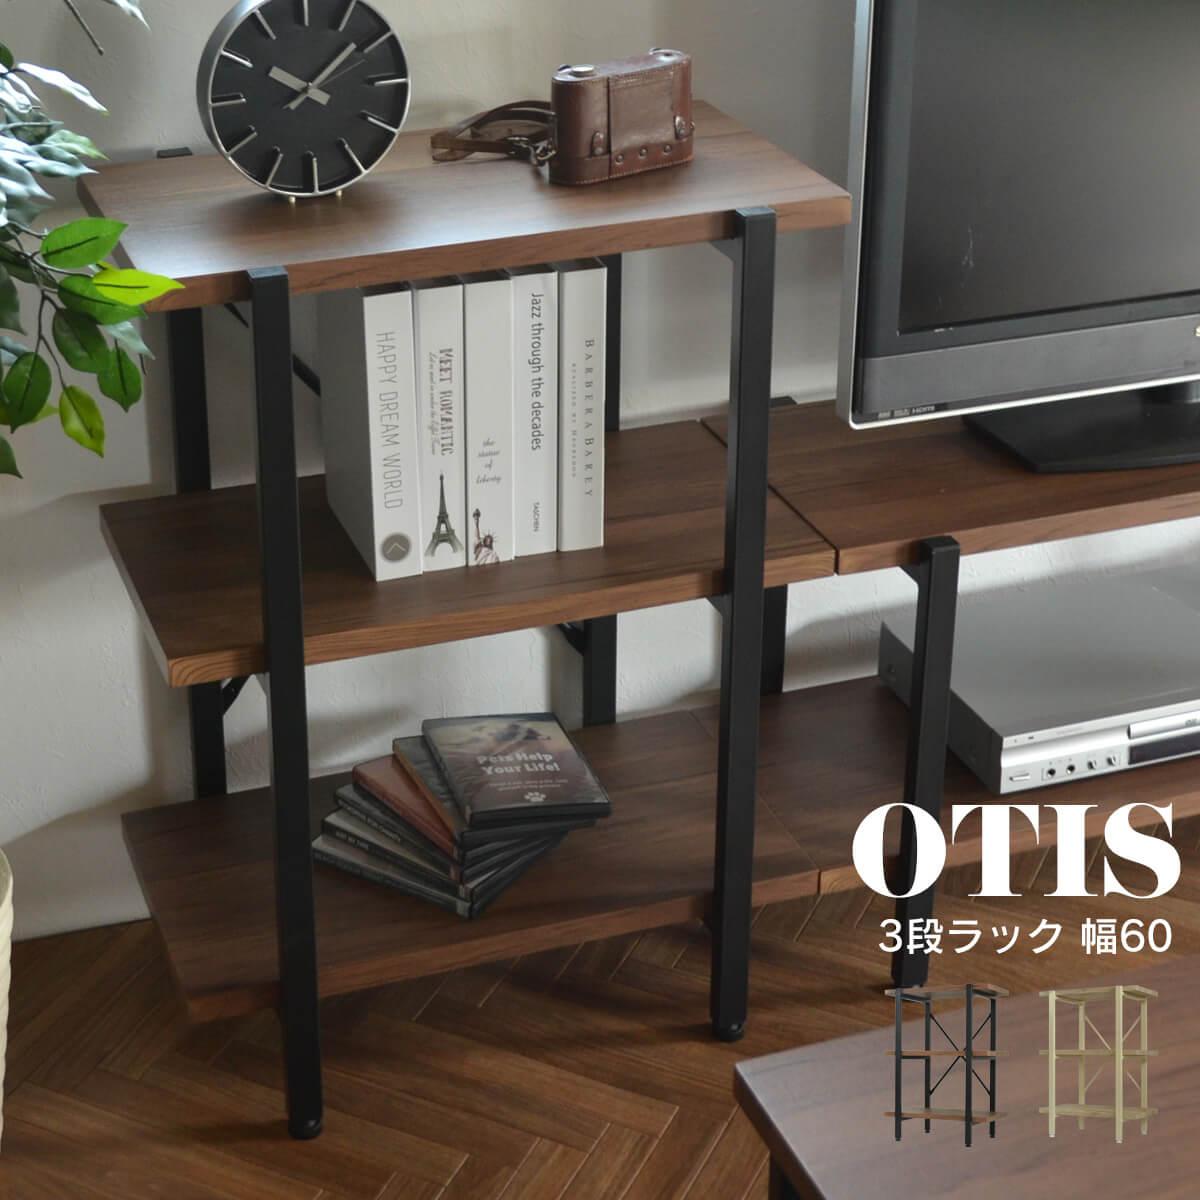 【送料無料】 OTIS オーティス 3段ラック 幅60 オープン 収納 木製 棚 本棚 シェルフ 間仕切り ディスプレイ コンパクト スリム 省スペース 一人暮らし リビング おしゃれ デザイン OTOR-60-D3